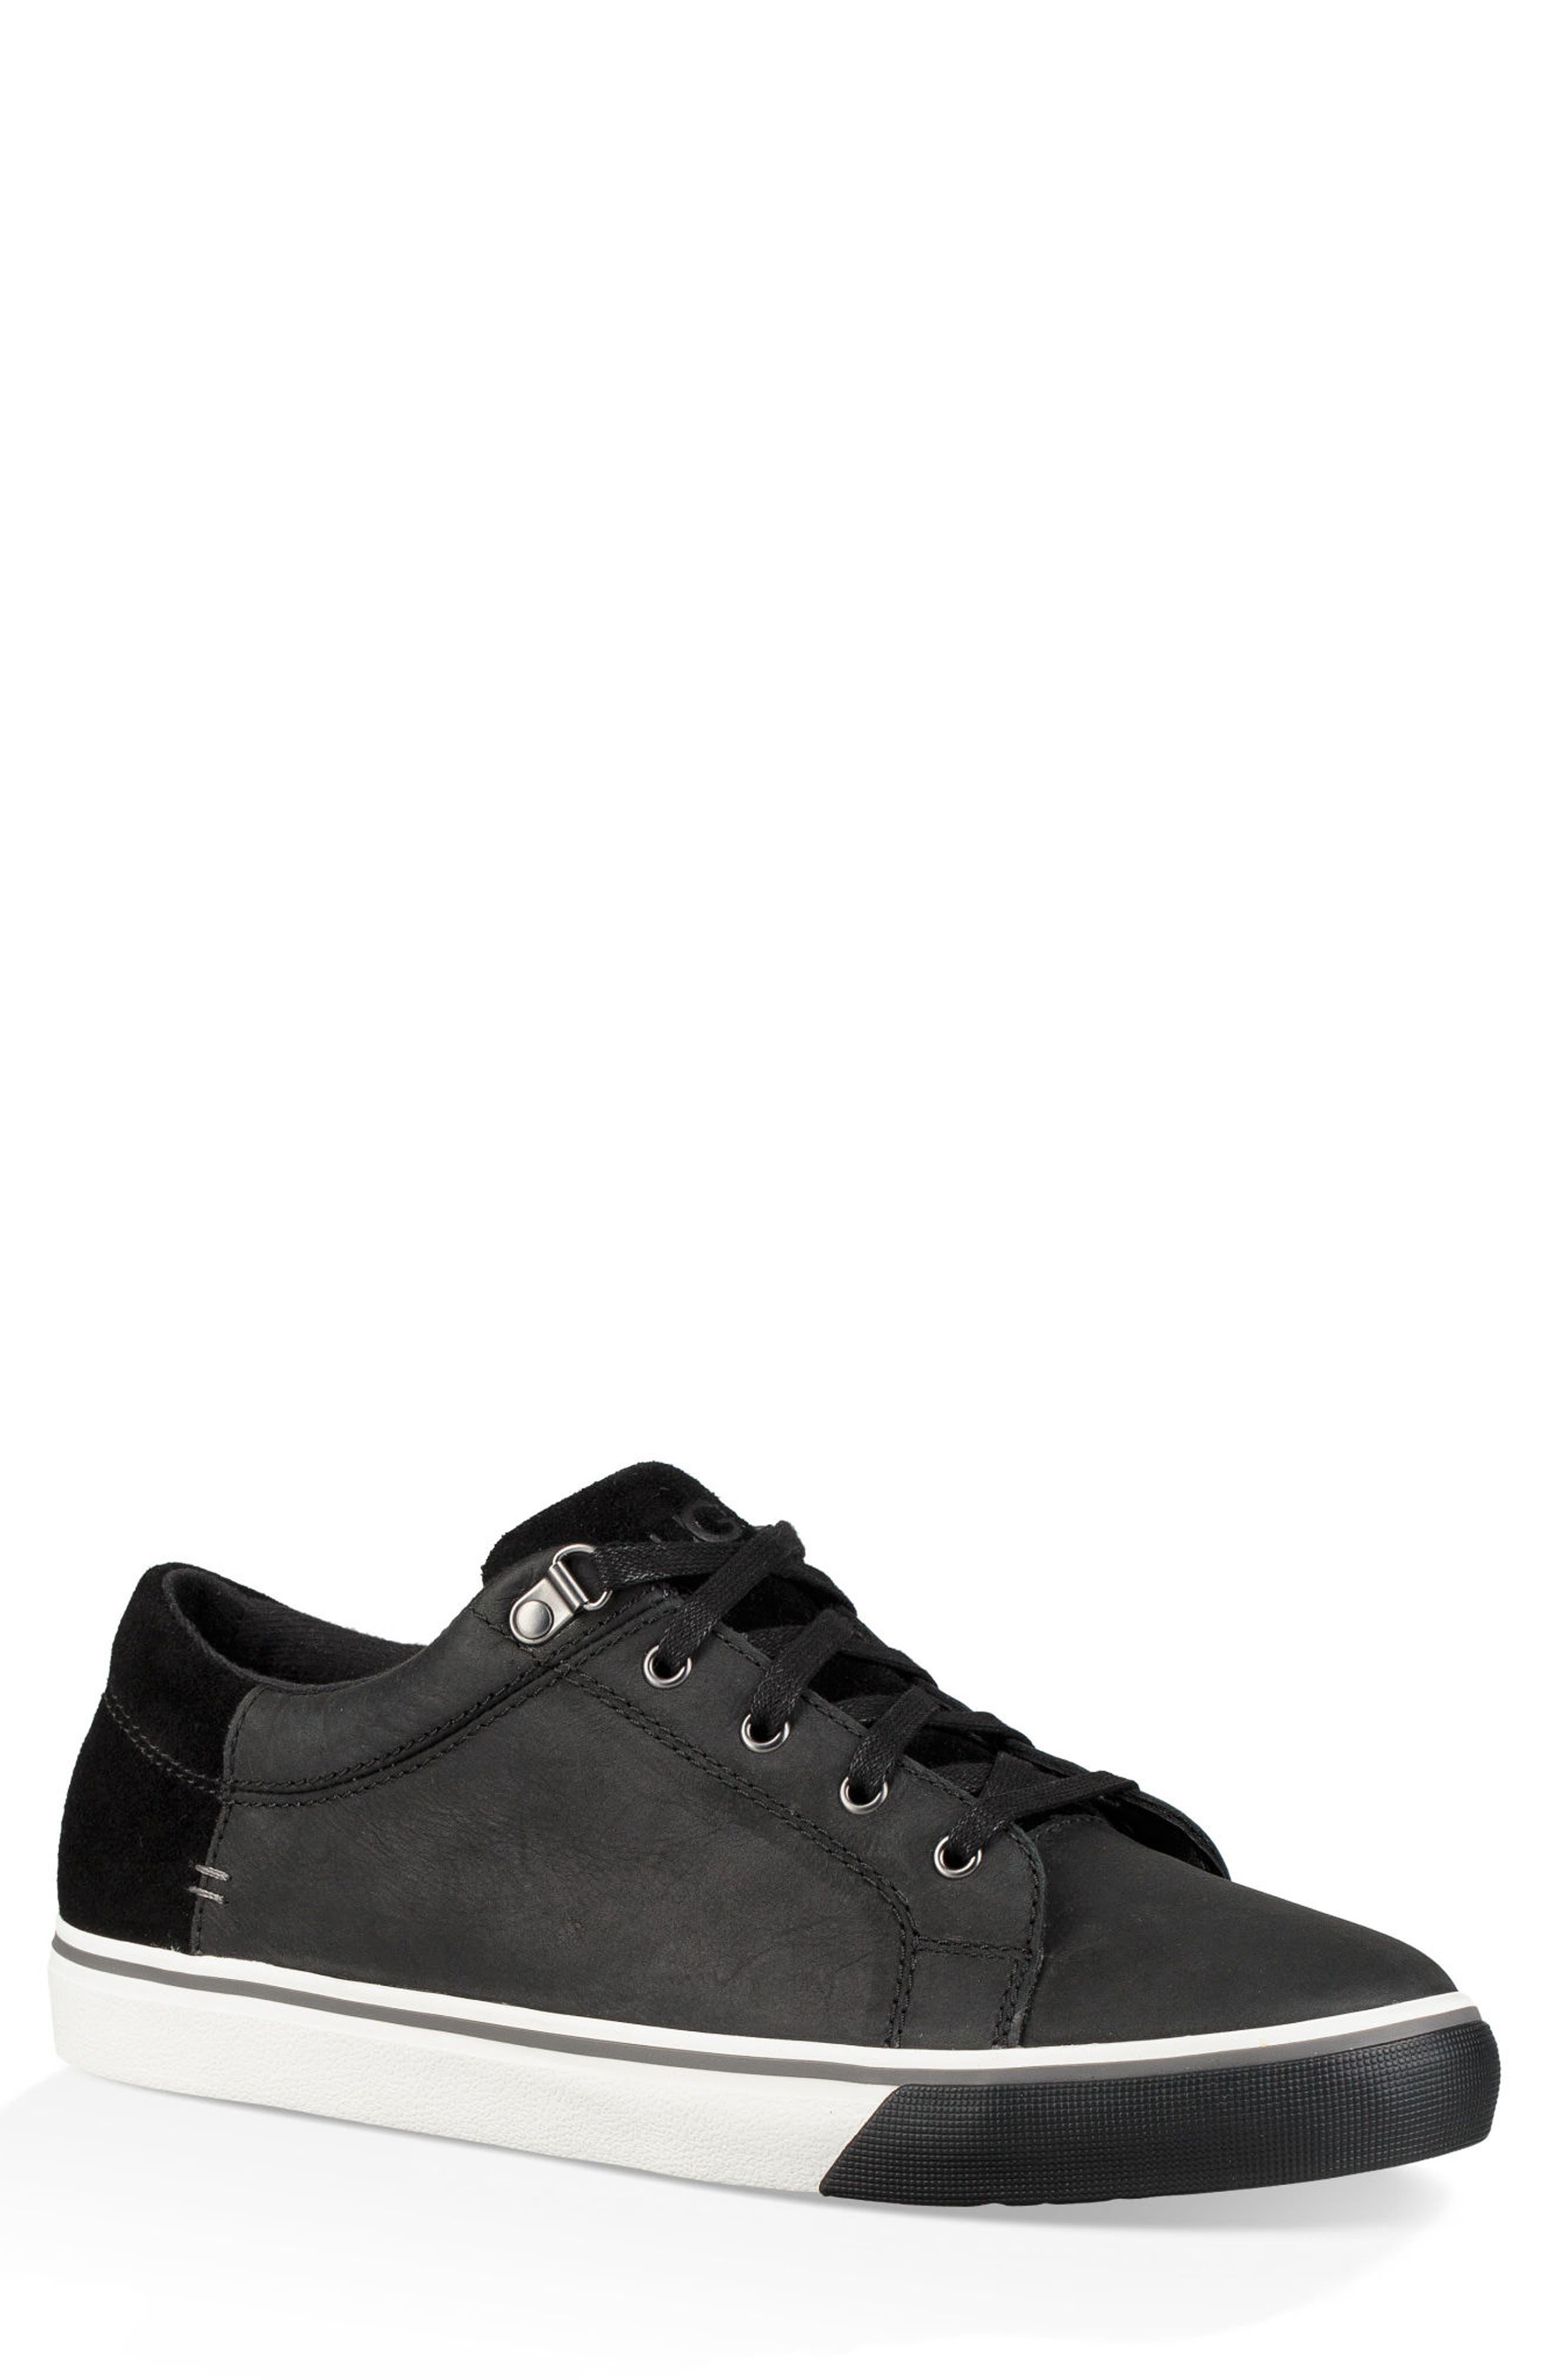 Brock II Waterproof Sneaker,                         Main,                         color, BLACK